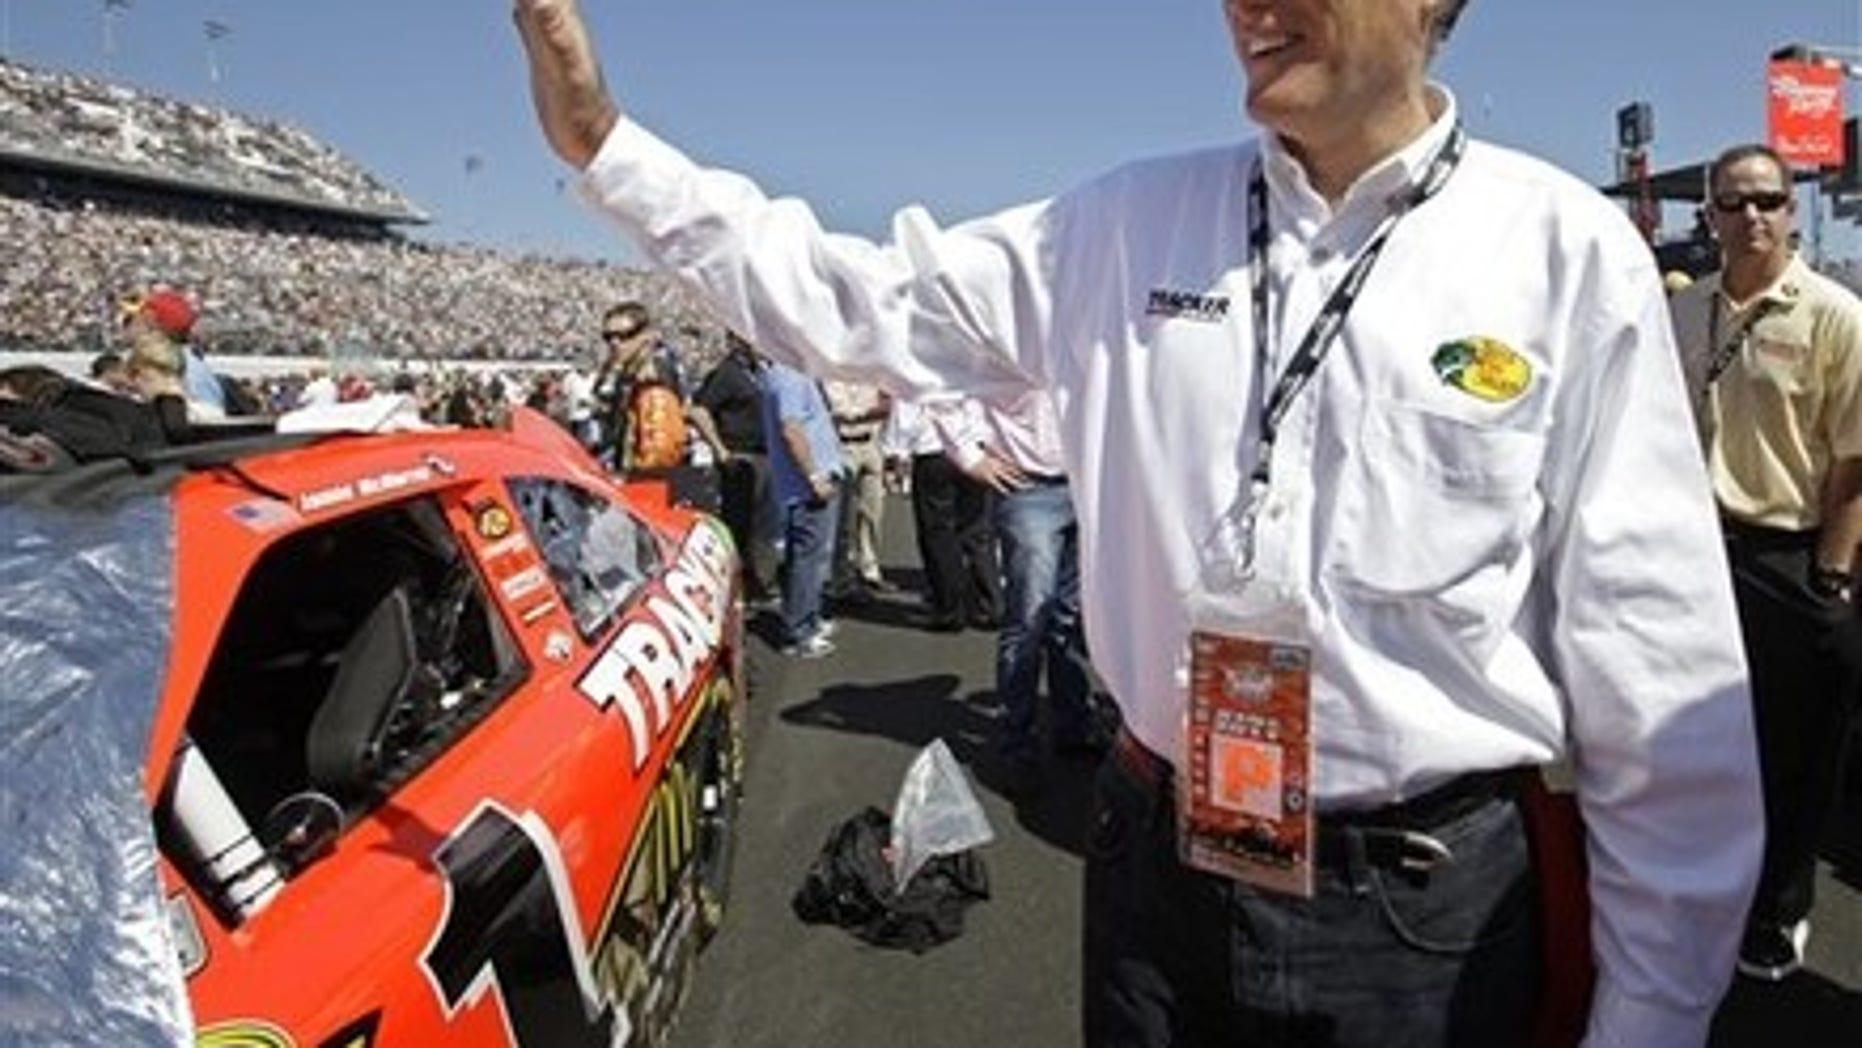 Feb. 20: Former Massachusetts Gov. Mitt Romney waves to fans before the Daytona 500 NASCAR auto race at Daytona International Speedway in Daytona Beach, Fla.